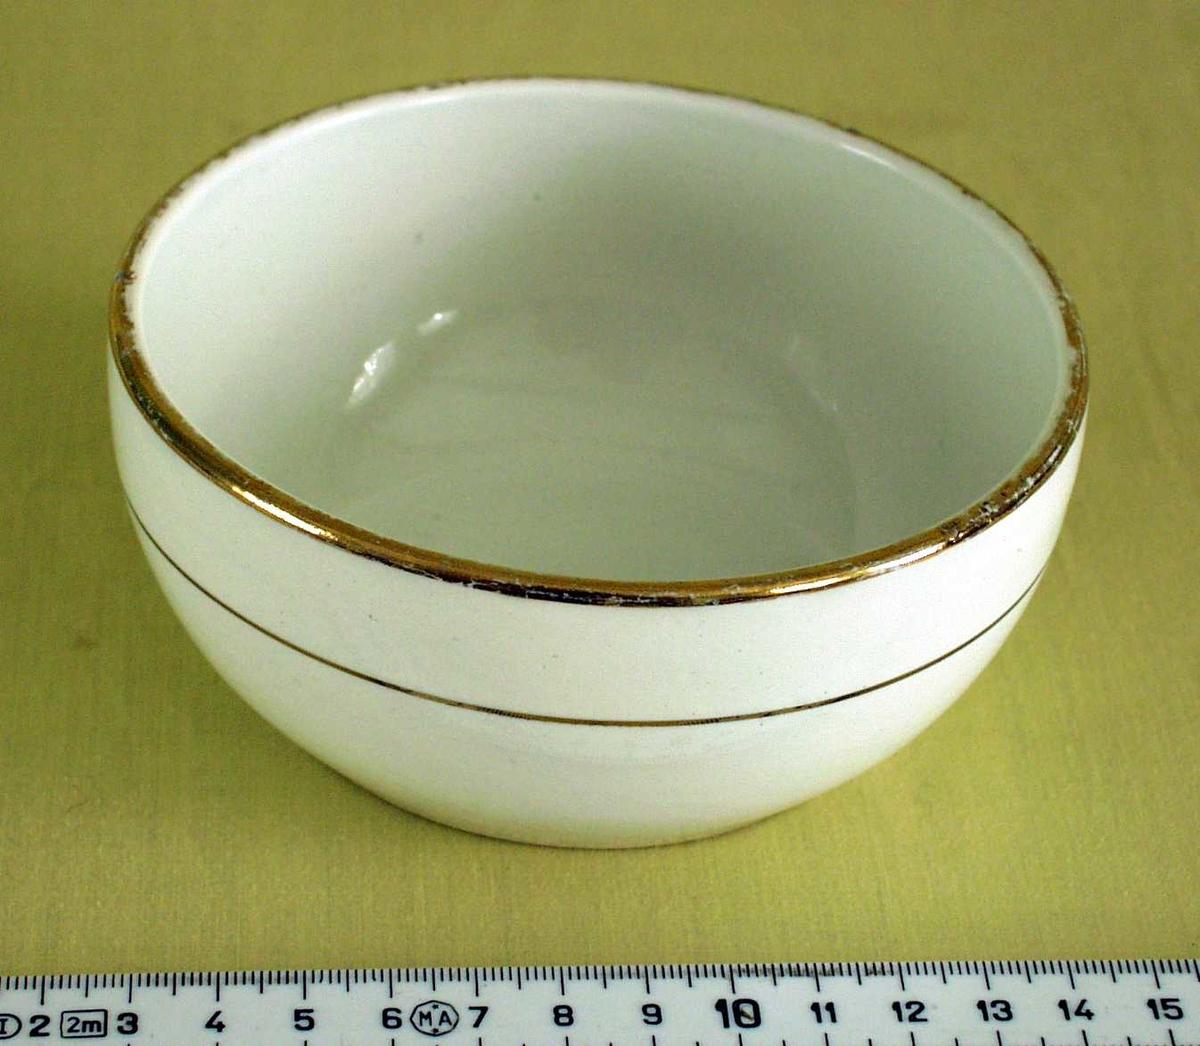 Hvit porselensbolle. Dekorert med to gullstriper.